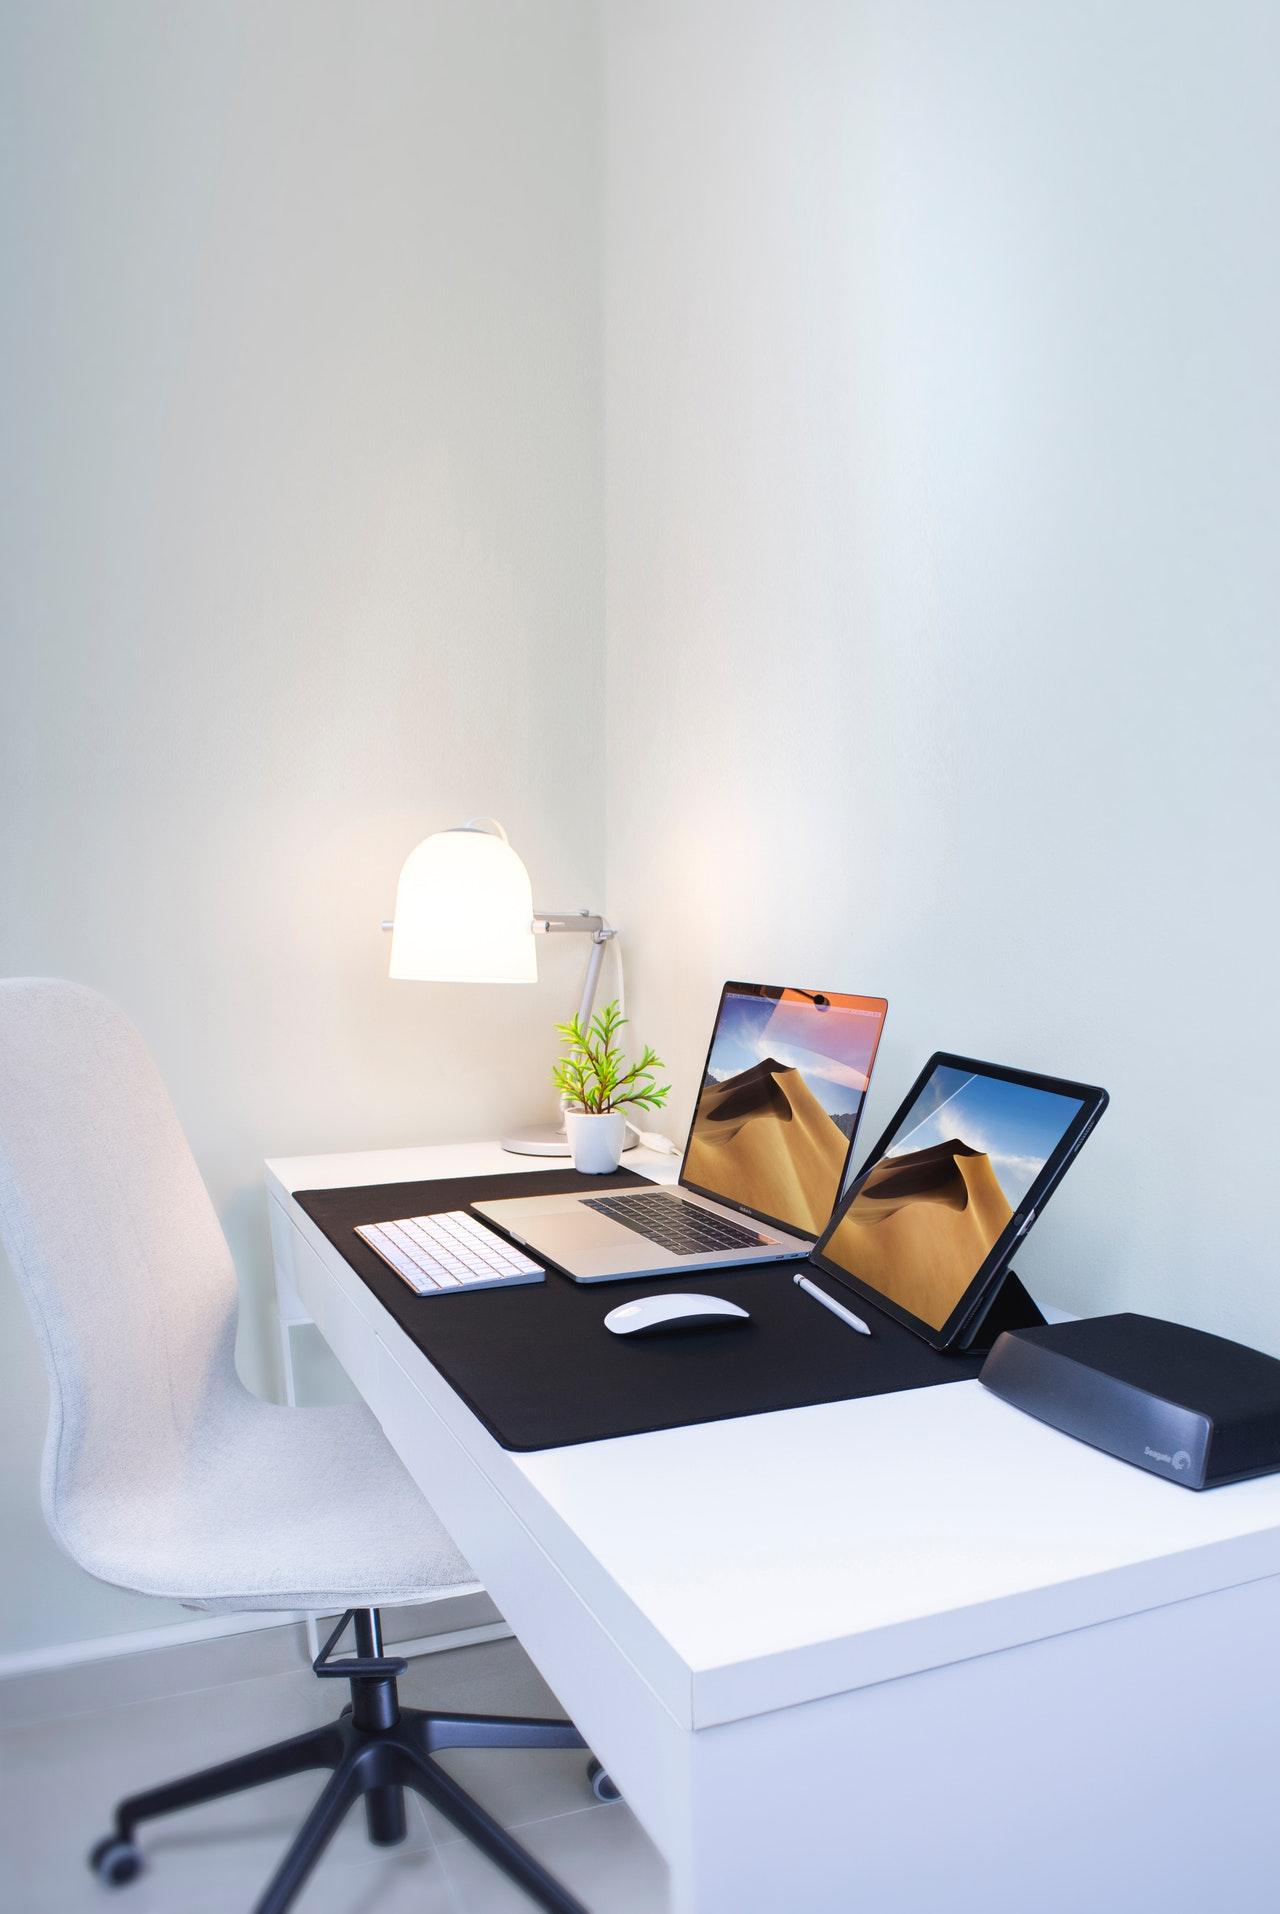 computer-connection-desk-2528118